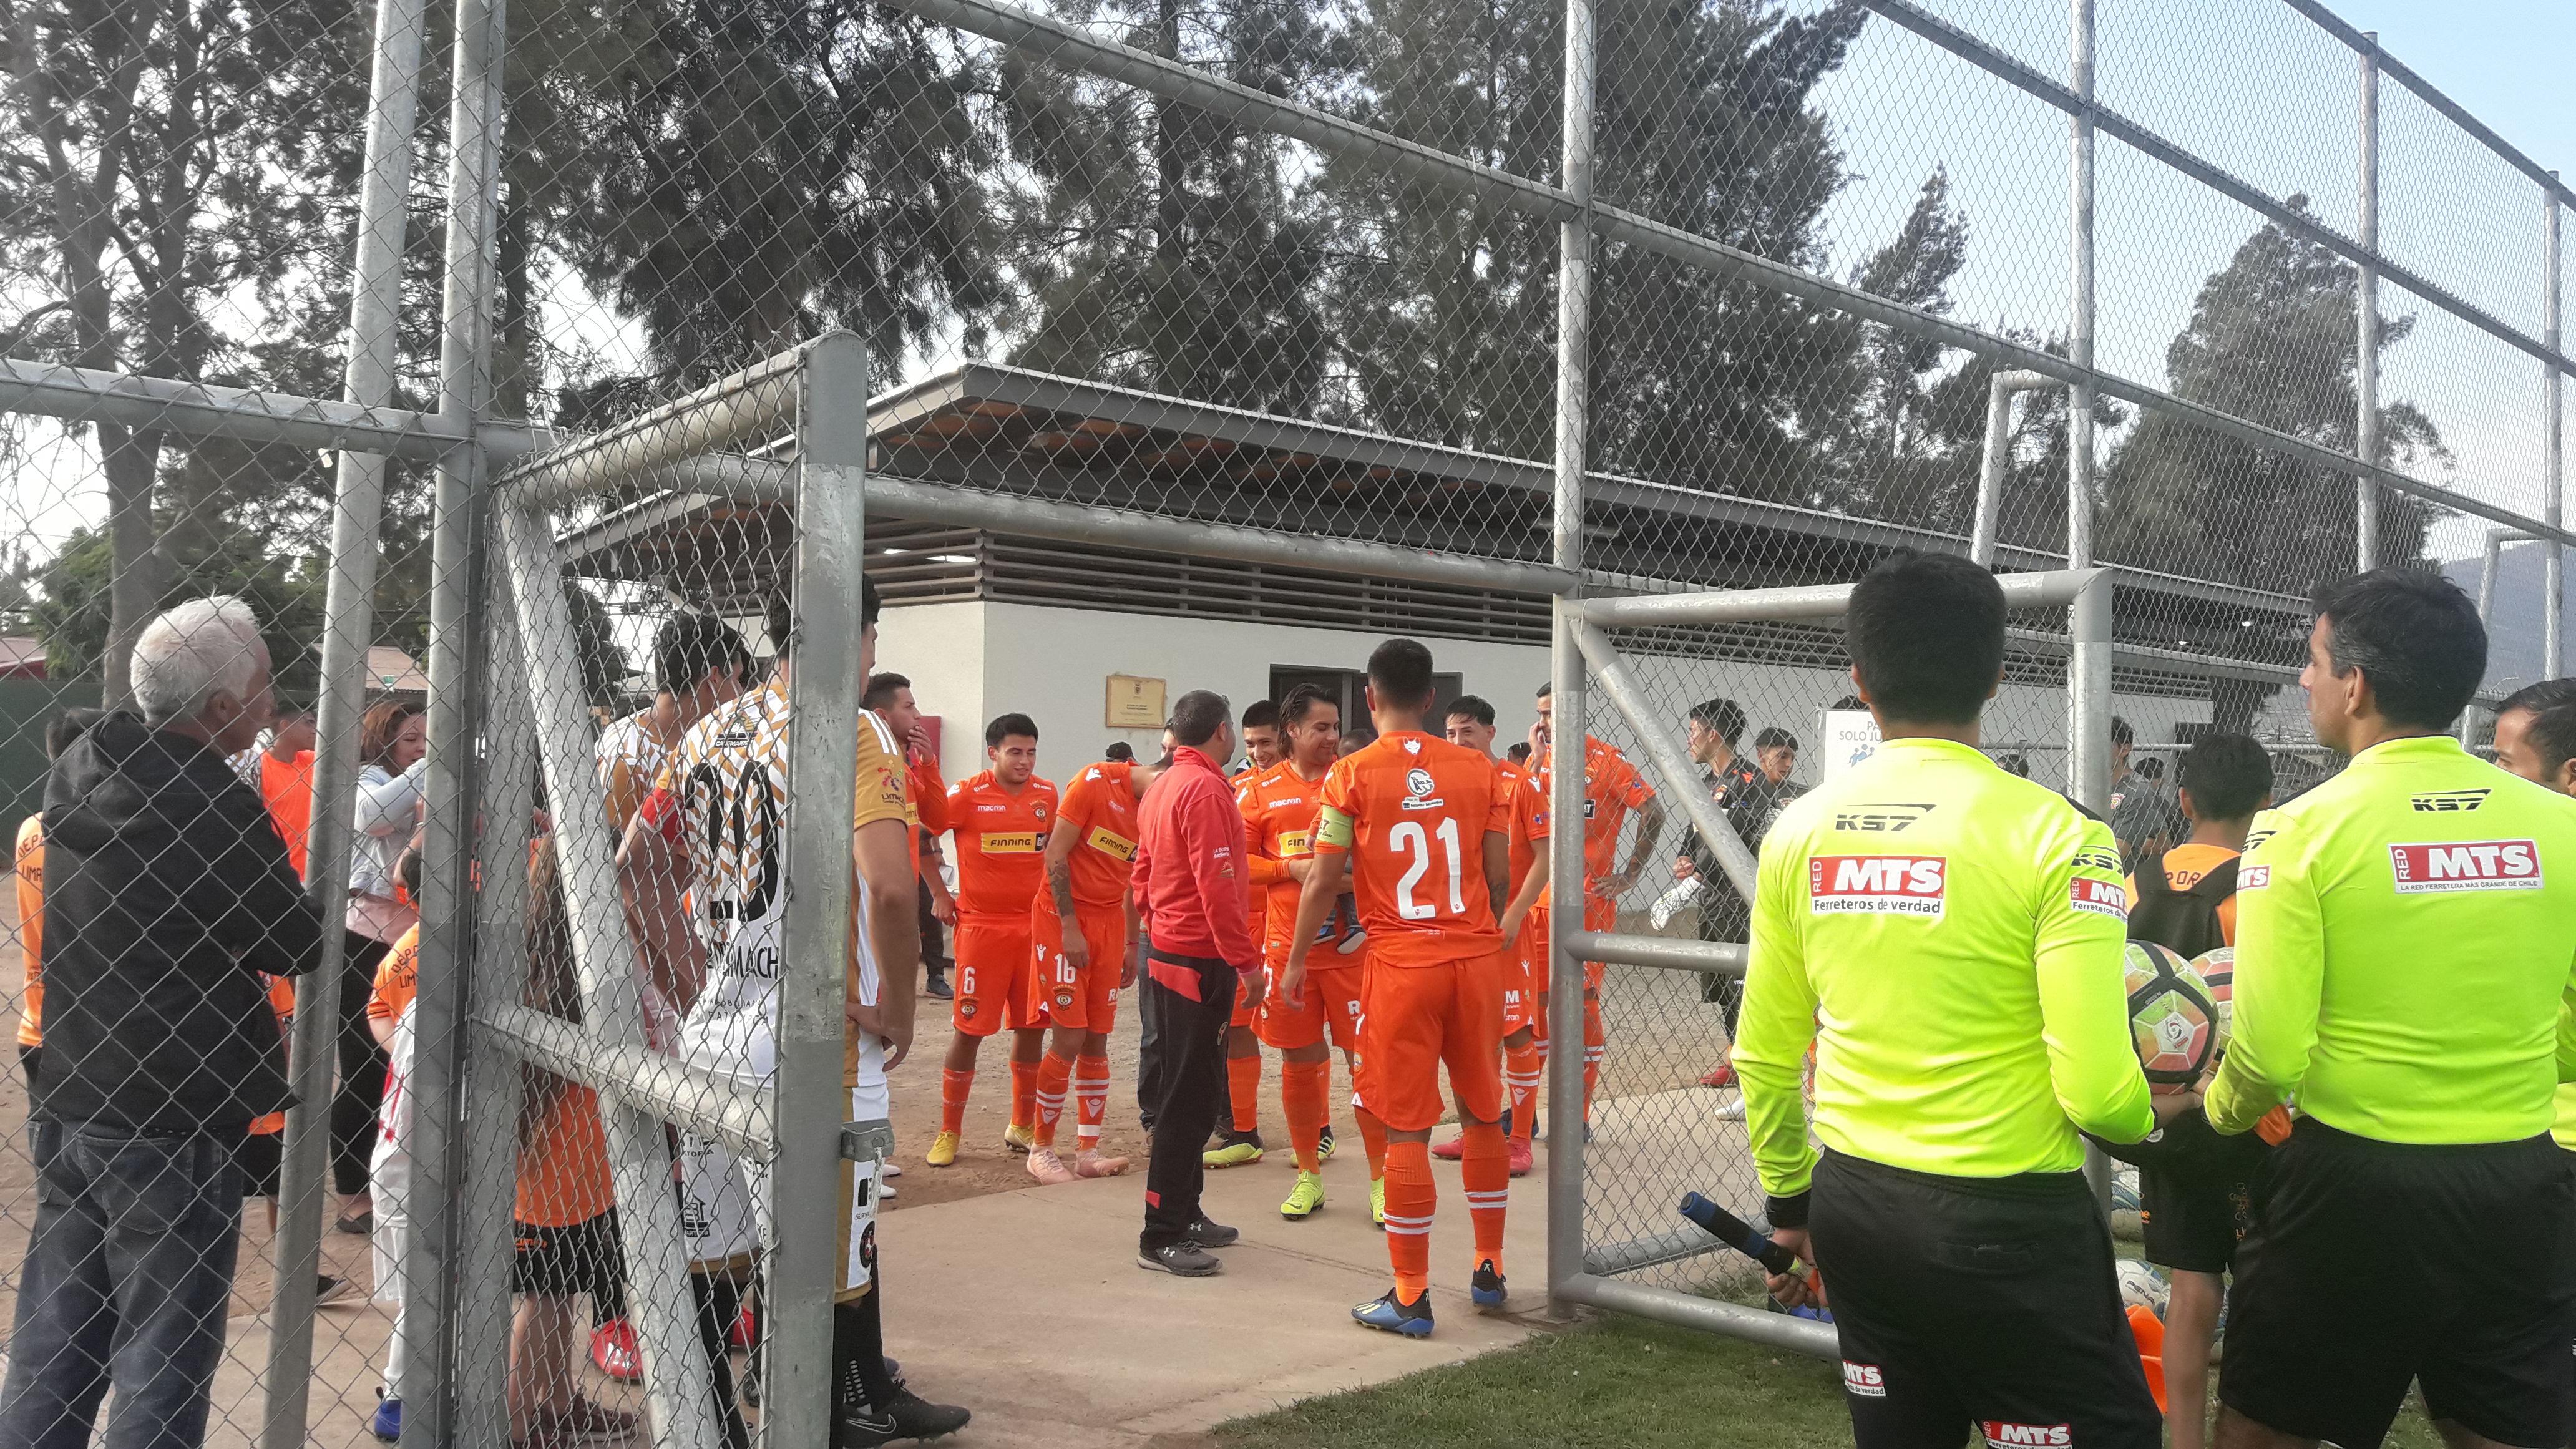 Galería de fotos: Deportes Limache vs Cobreloa